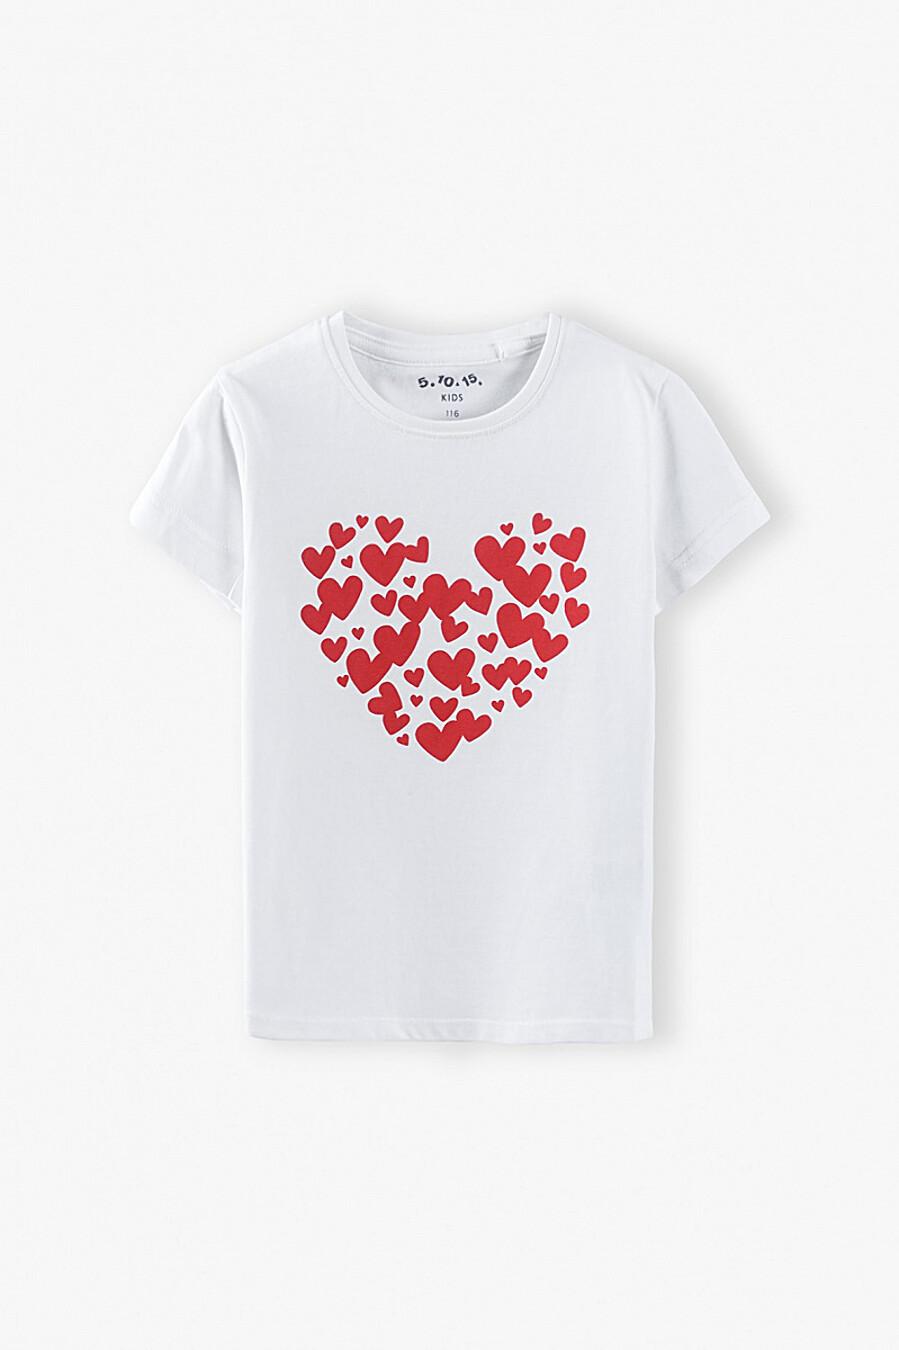 Футболка для девочек 5.10.15 668608 купить оптом от производителя. Совместная покупка детской одежды в OptMoyo